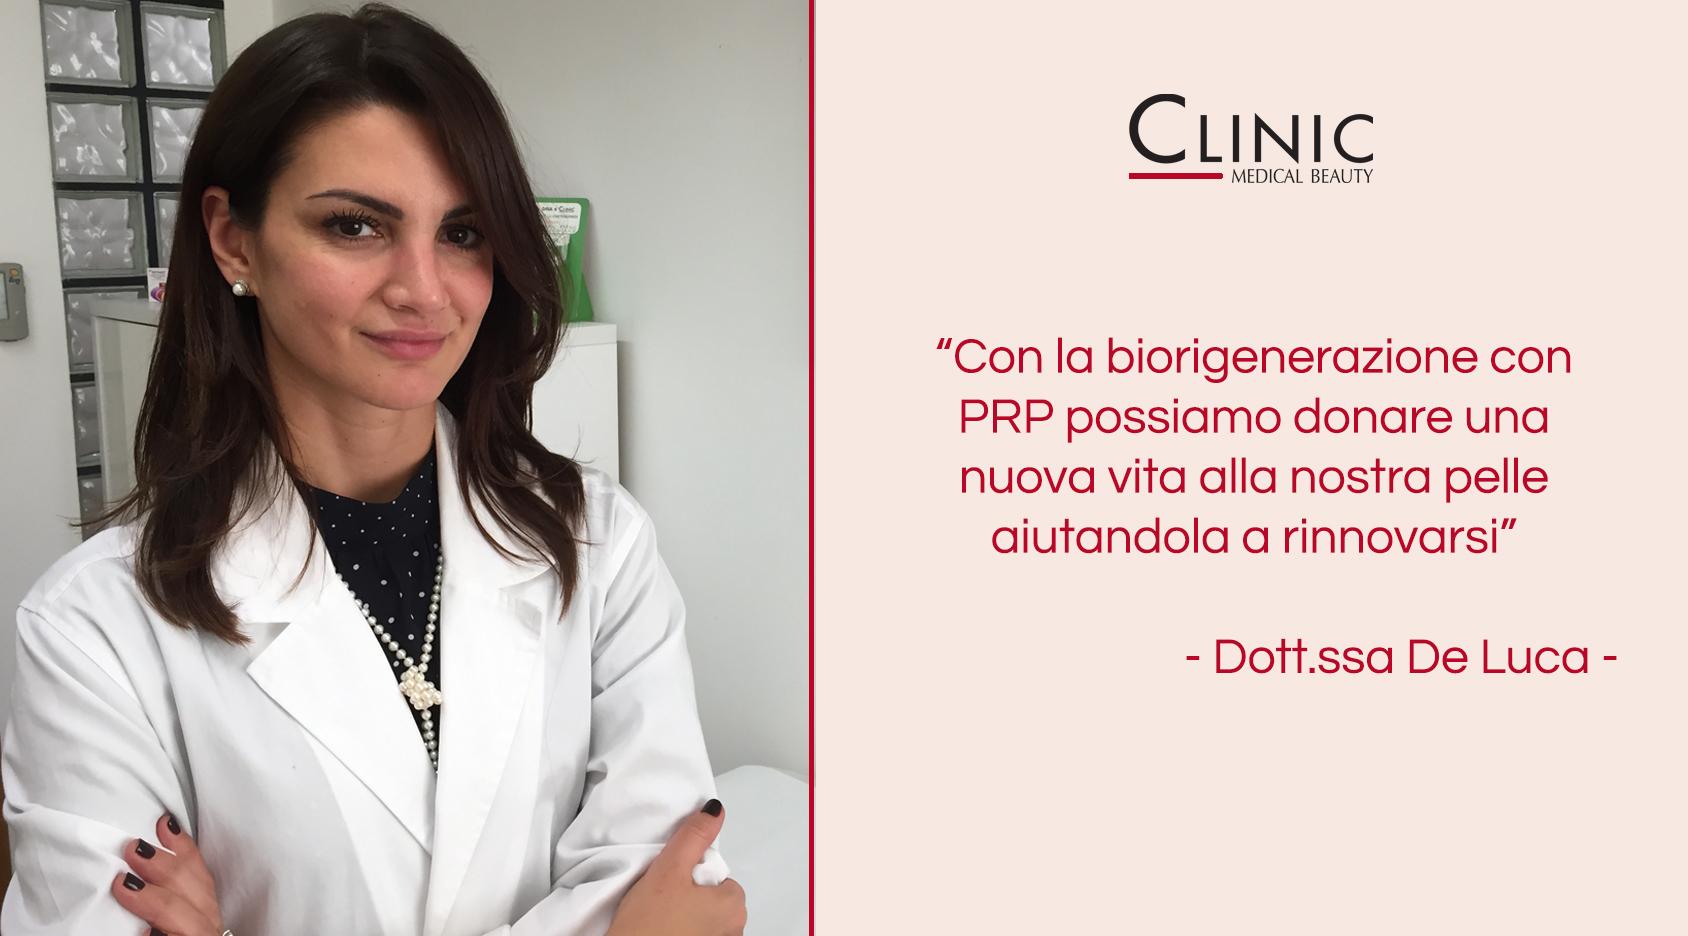 La biorigenerazione con PRP spiegata dalla Dott.ssa De Luca